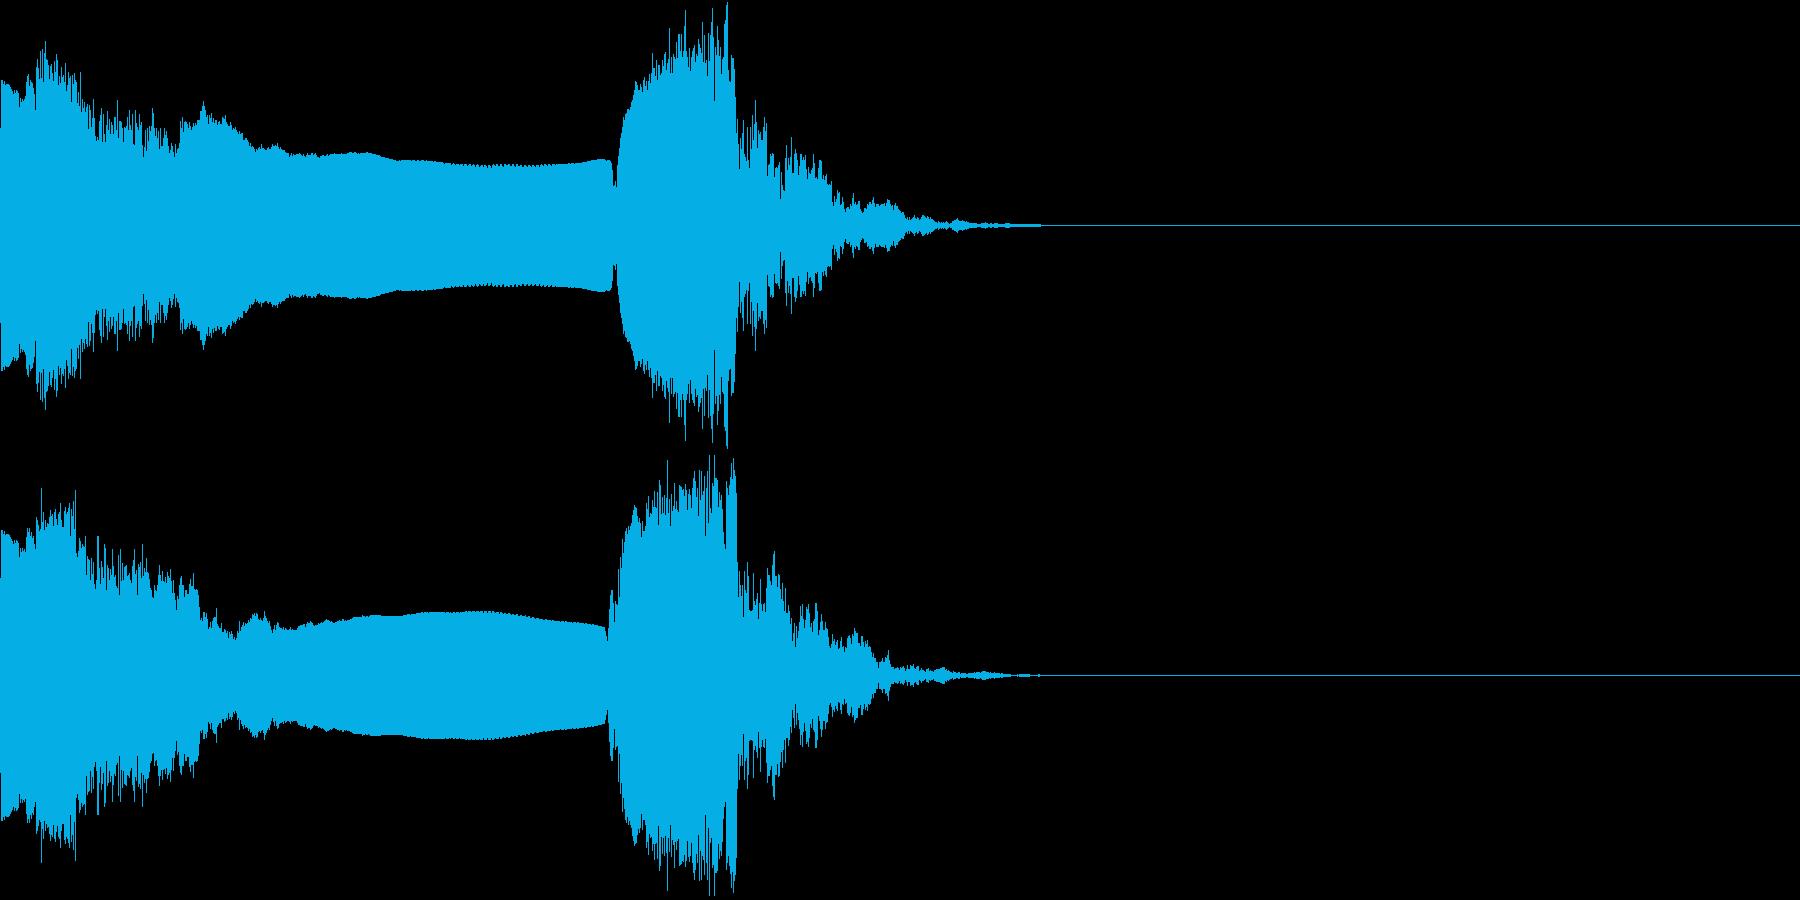 キュイン キーン シャキーン 光る 17の再生済みの波形